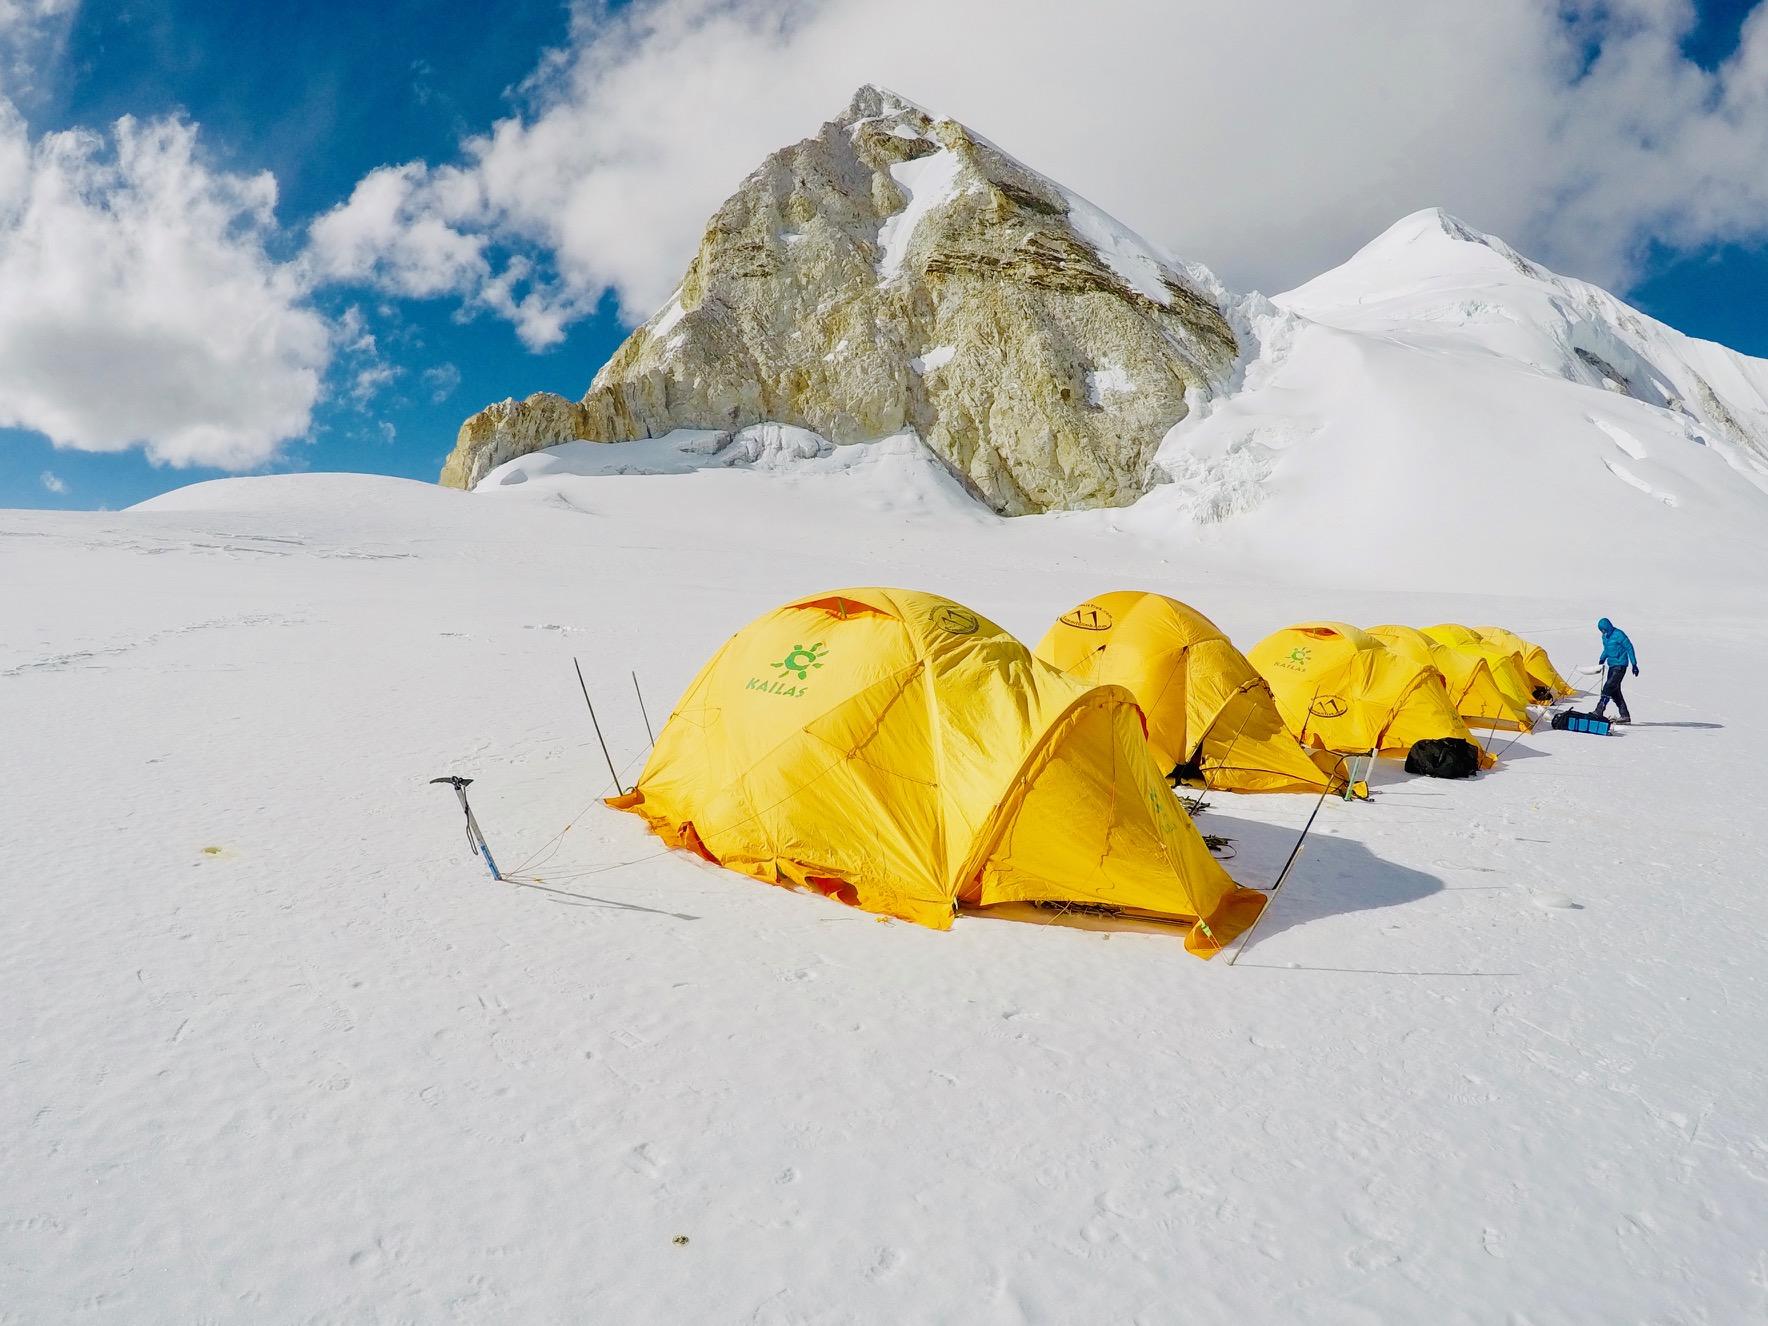 Baruntsen ensimmäinen yläleiri 6100 metrin korkeudessa